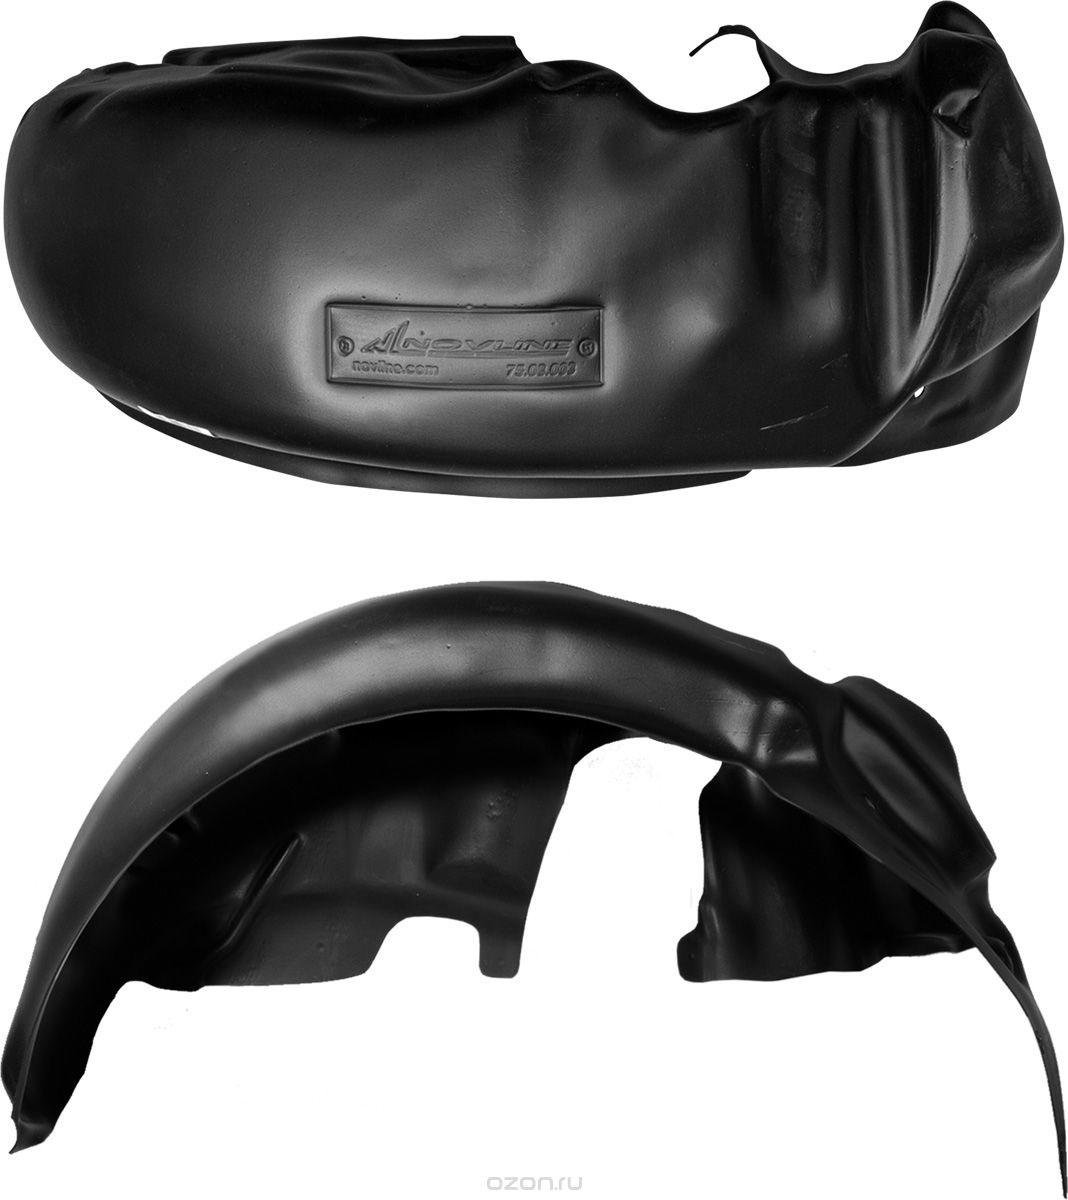 Подкрылок Novline-Autofamily, для PEUGEOT Boxer 2006-2014, 2014-> без/с расширителями арок, задний правый000414Идеальная защита колесной ниши. Локеры разработаны с применением цифровых технологий, гарантируют максимальную повторяемость поверхности арки. Изделия устанавливаются без нарушения лакокрасочного покрытия автомобиля, каждый подкрылок комплектуется крепежом. Уважаемые клиенты, обращаем ваше внимание, что фотографии на подкрылки универсальные и не отражают реальную форму изделия. При этом само изделие идет точно под размер указанного автомобиля.